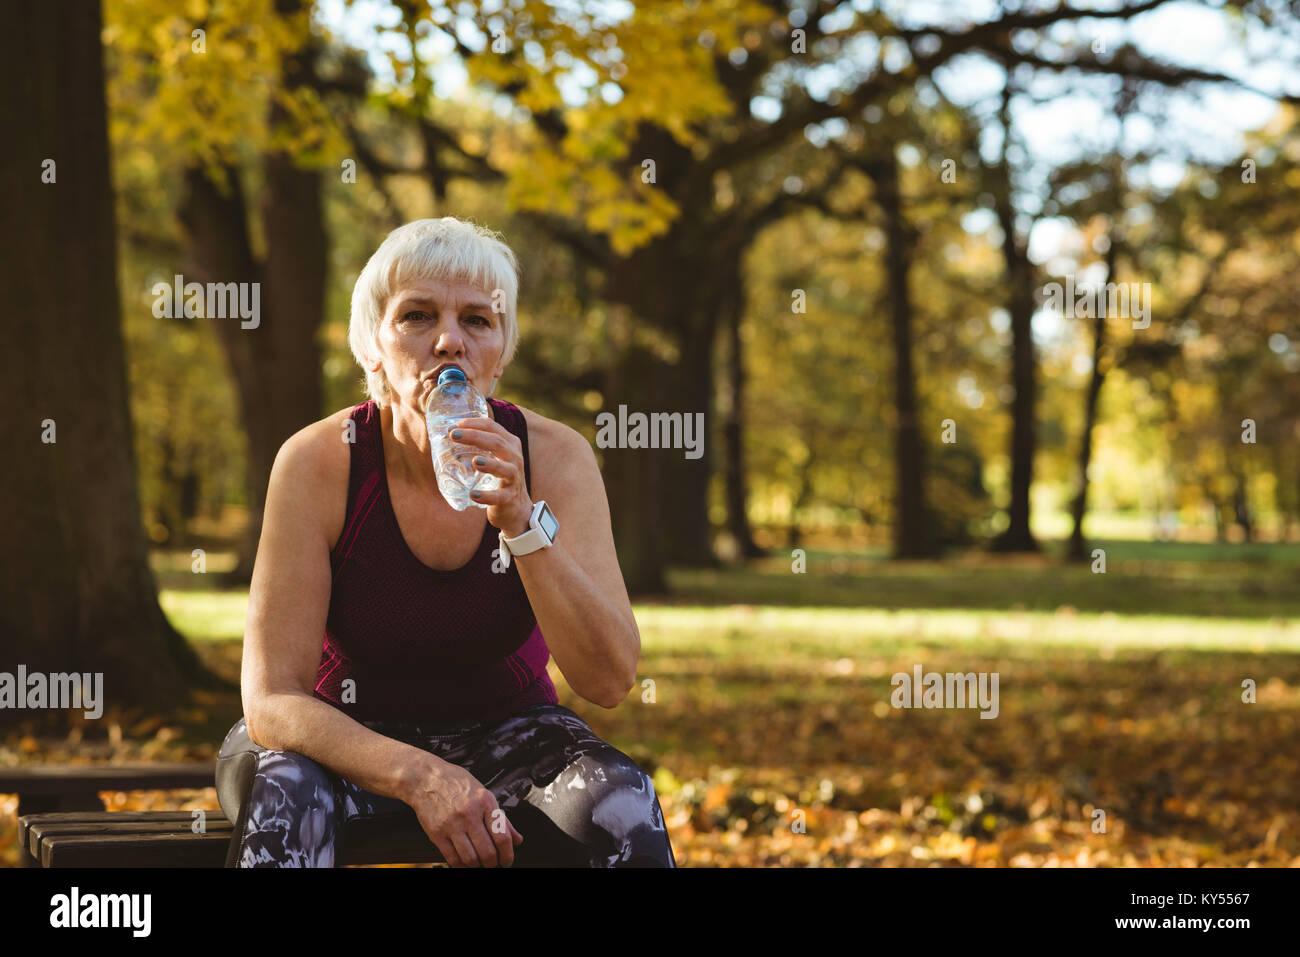 Senior woman l'eau potable dans le parc Photo Stock